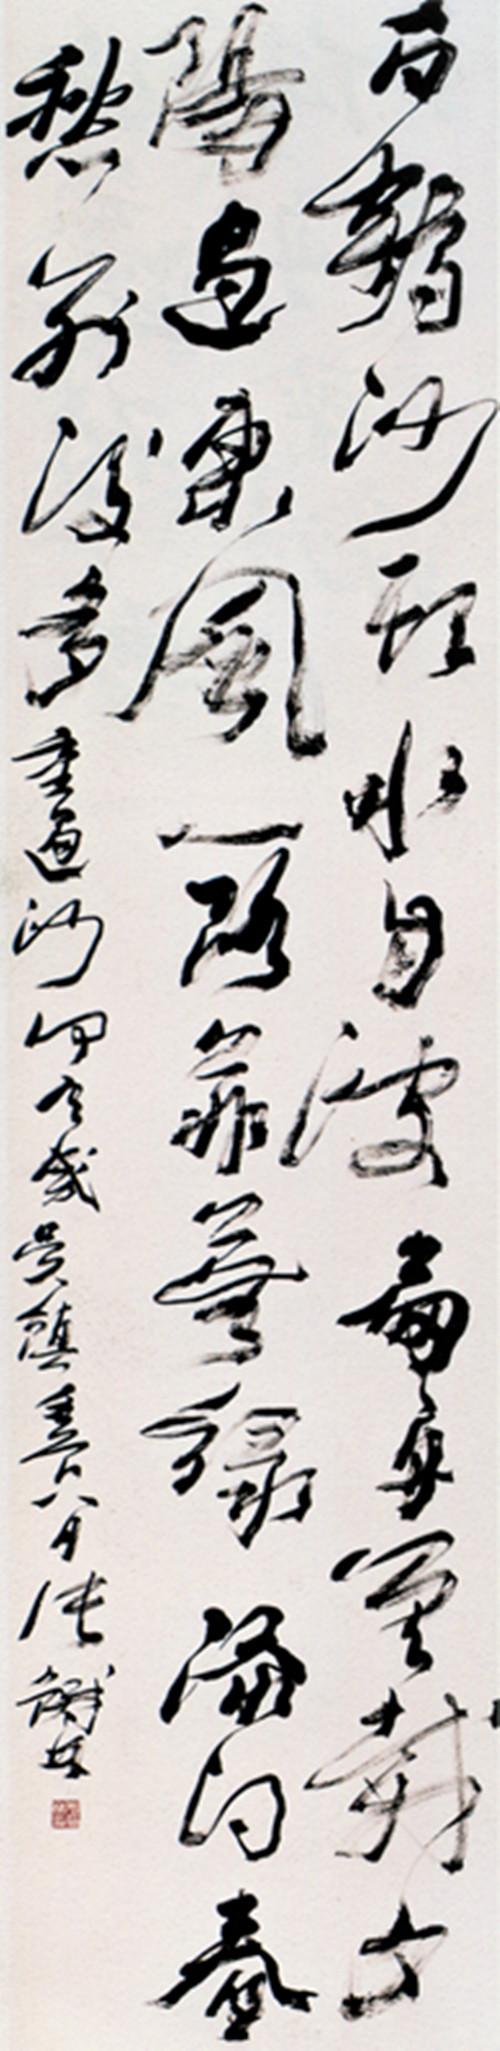 张铁林的书法作品:白鹤沙头水自波,扁舟曾载夕阳过.